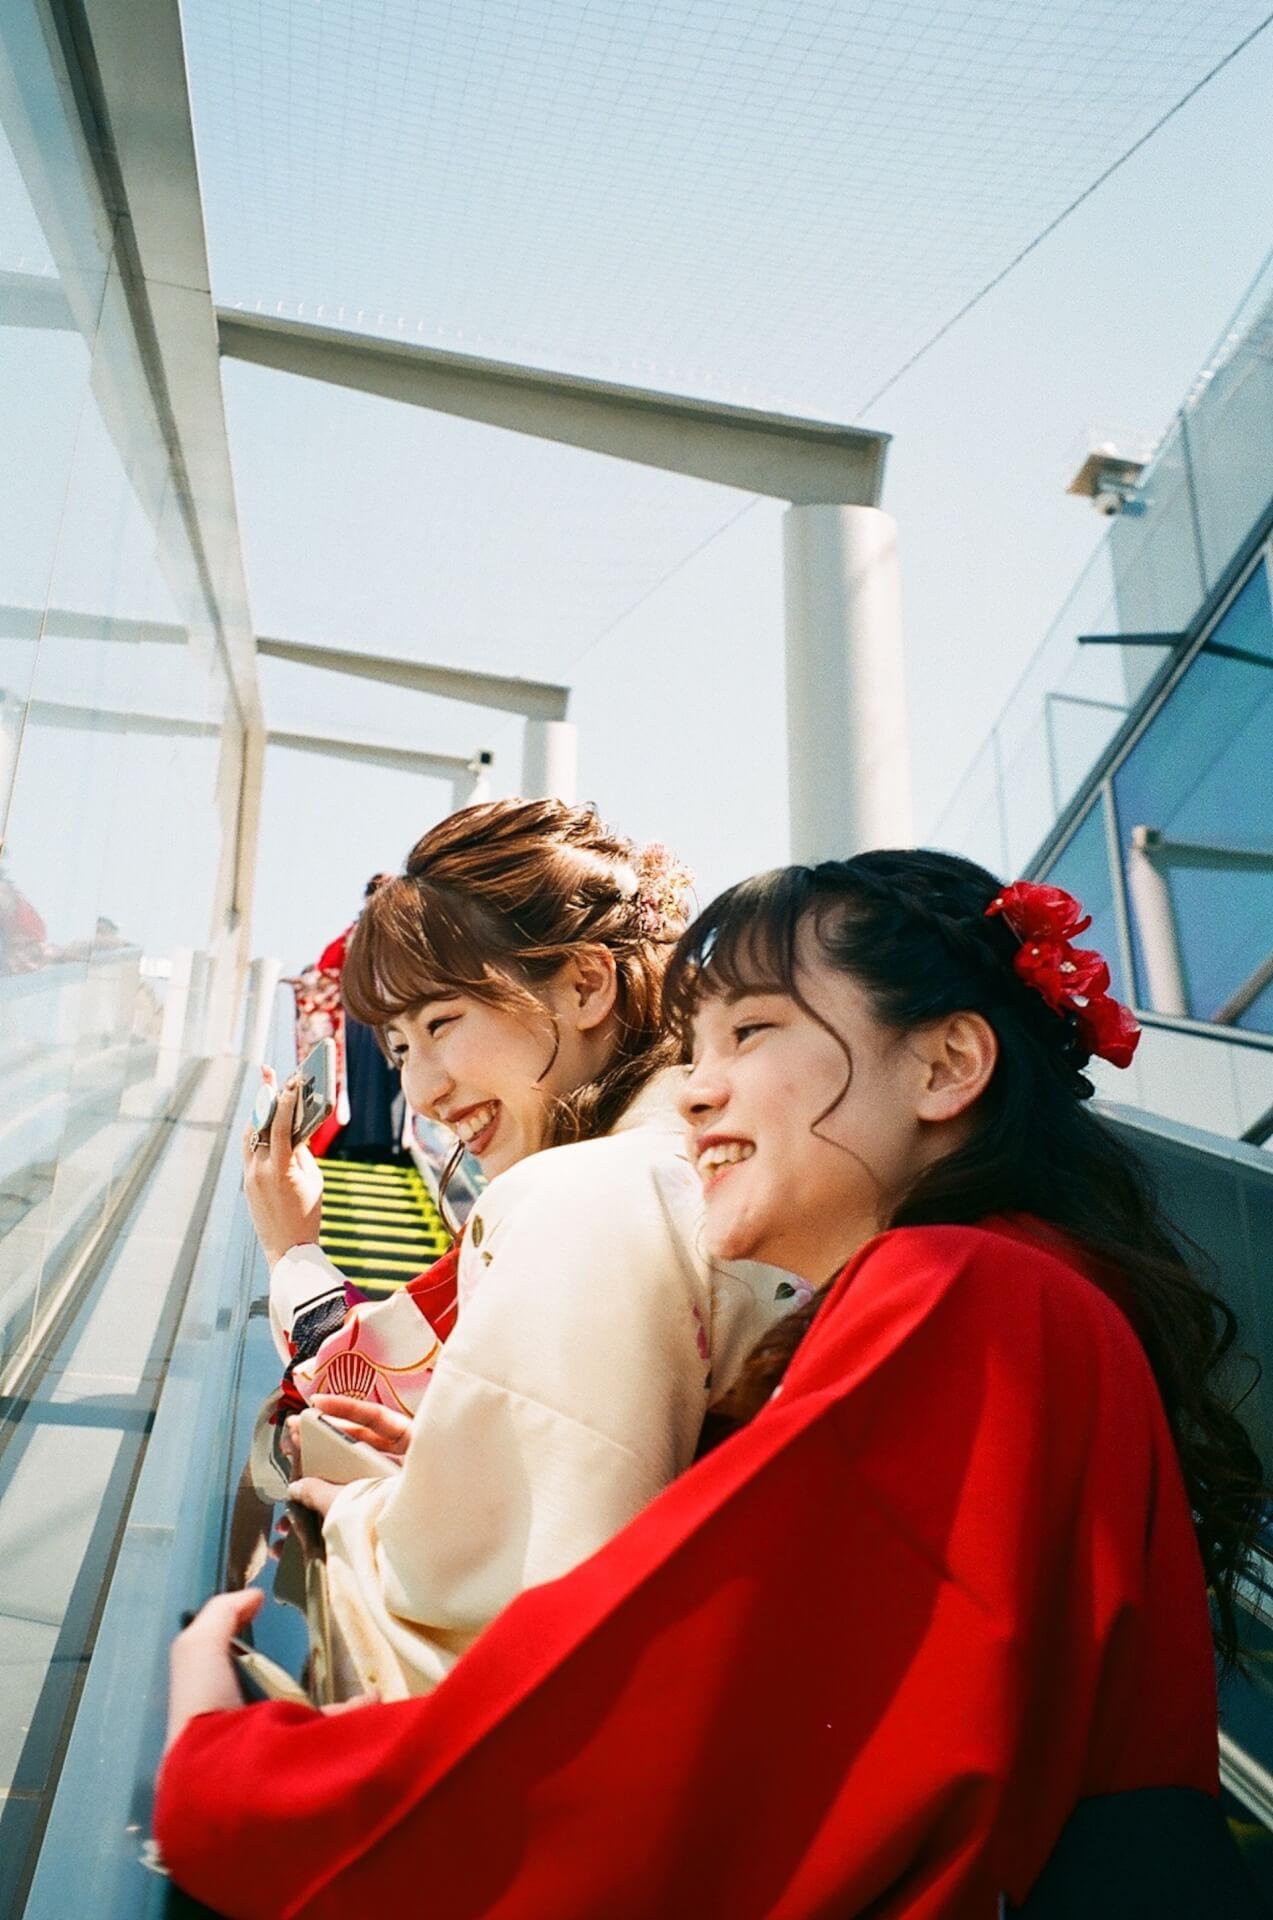 はなむけしゃしん - ぶるじょあ会「渋谷は日本のTOKYO」 art200415_hanamukeshashin5_21